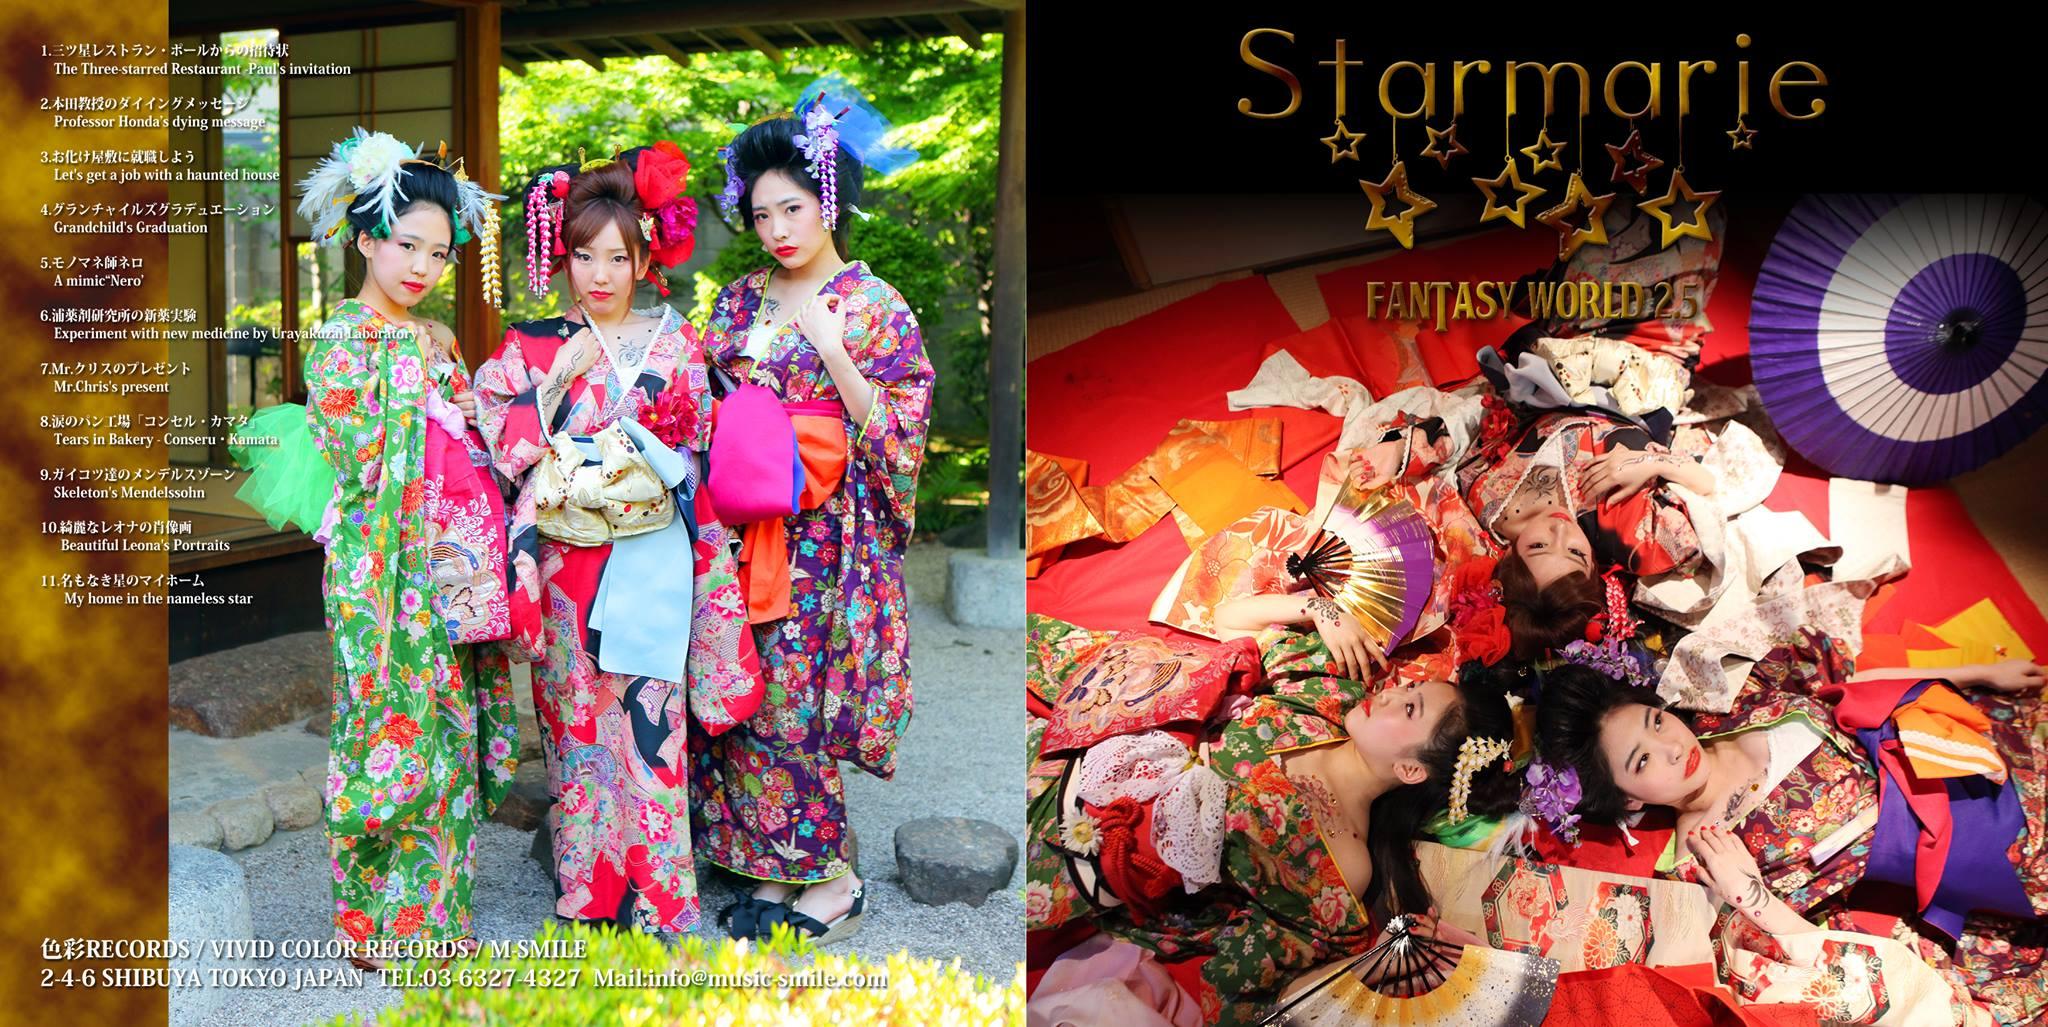 NekoPOP-Starmarie-interview-2013-Fantazy-World-A